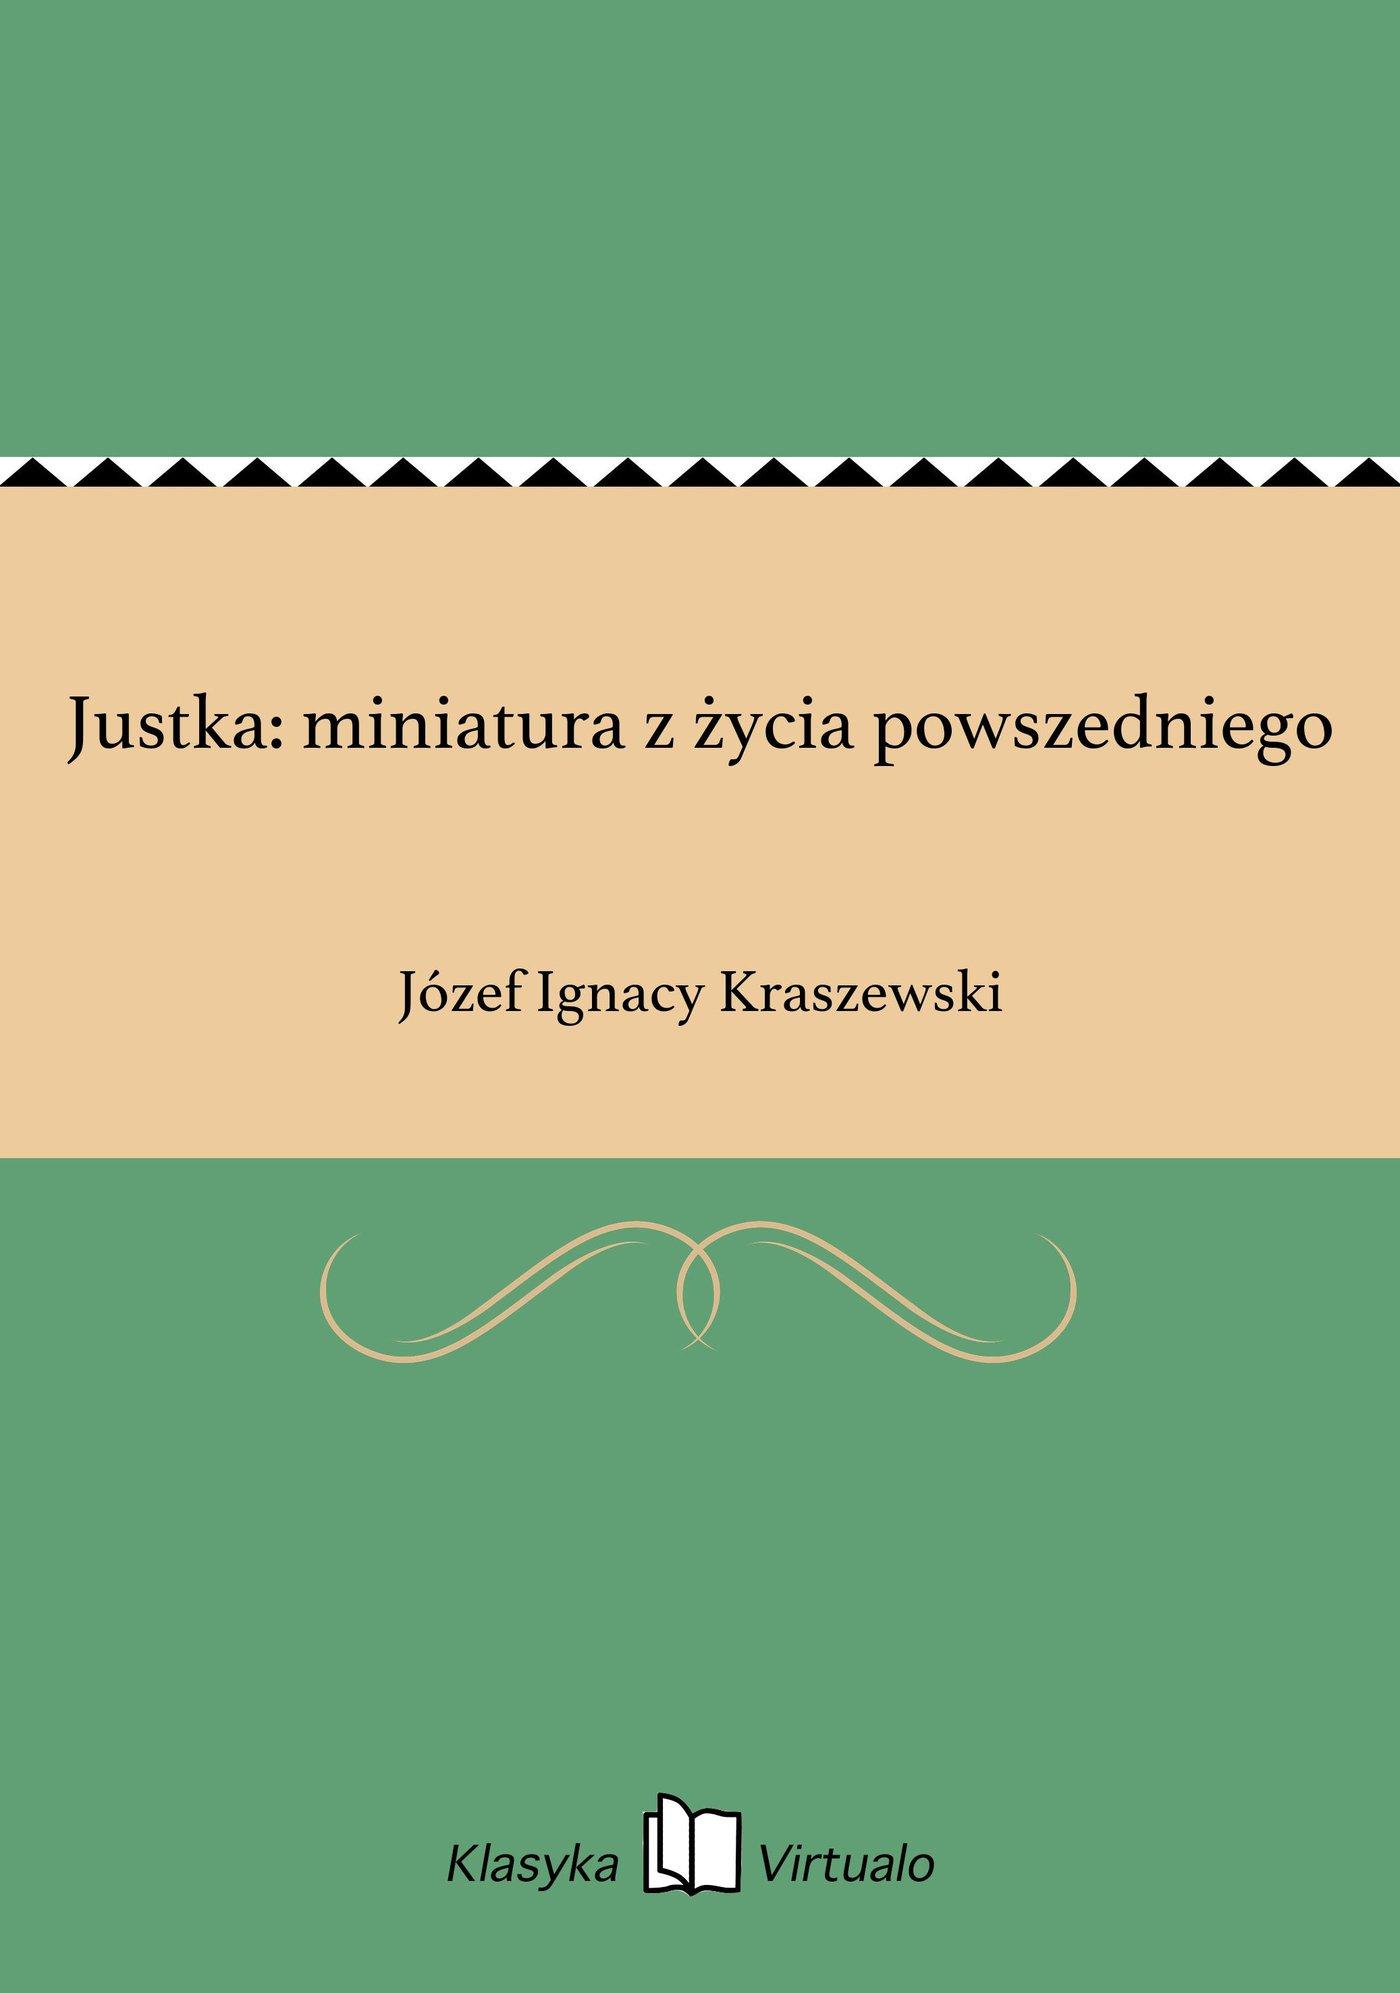 Justka: miniatura z życia powszedniego - Ebook (Książka EPUB) do pobrania w formacie EPUB